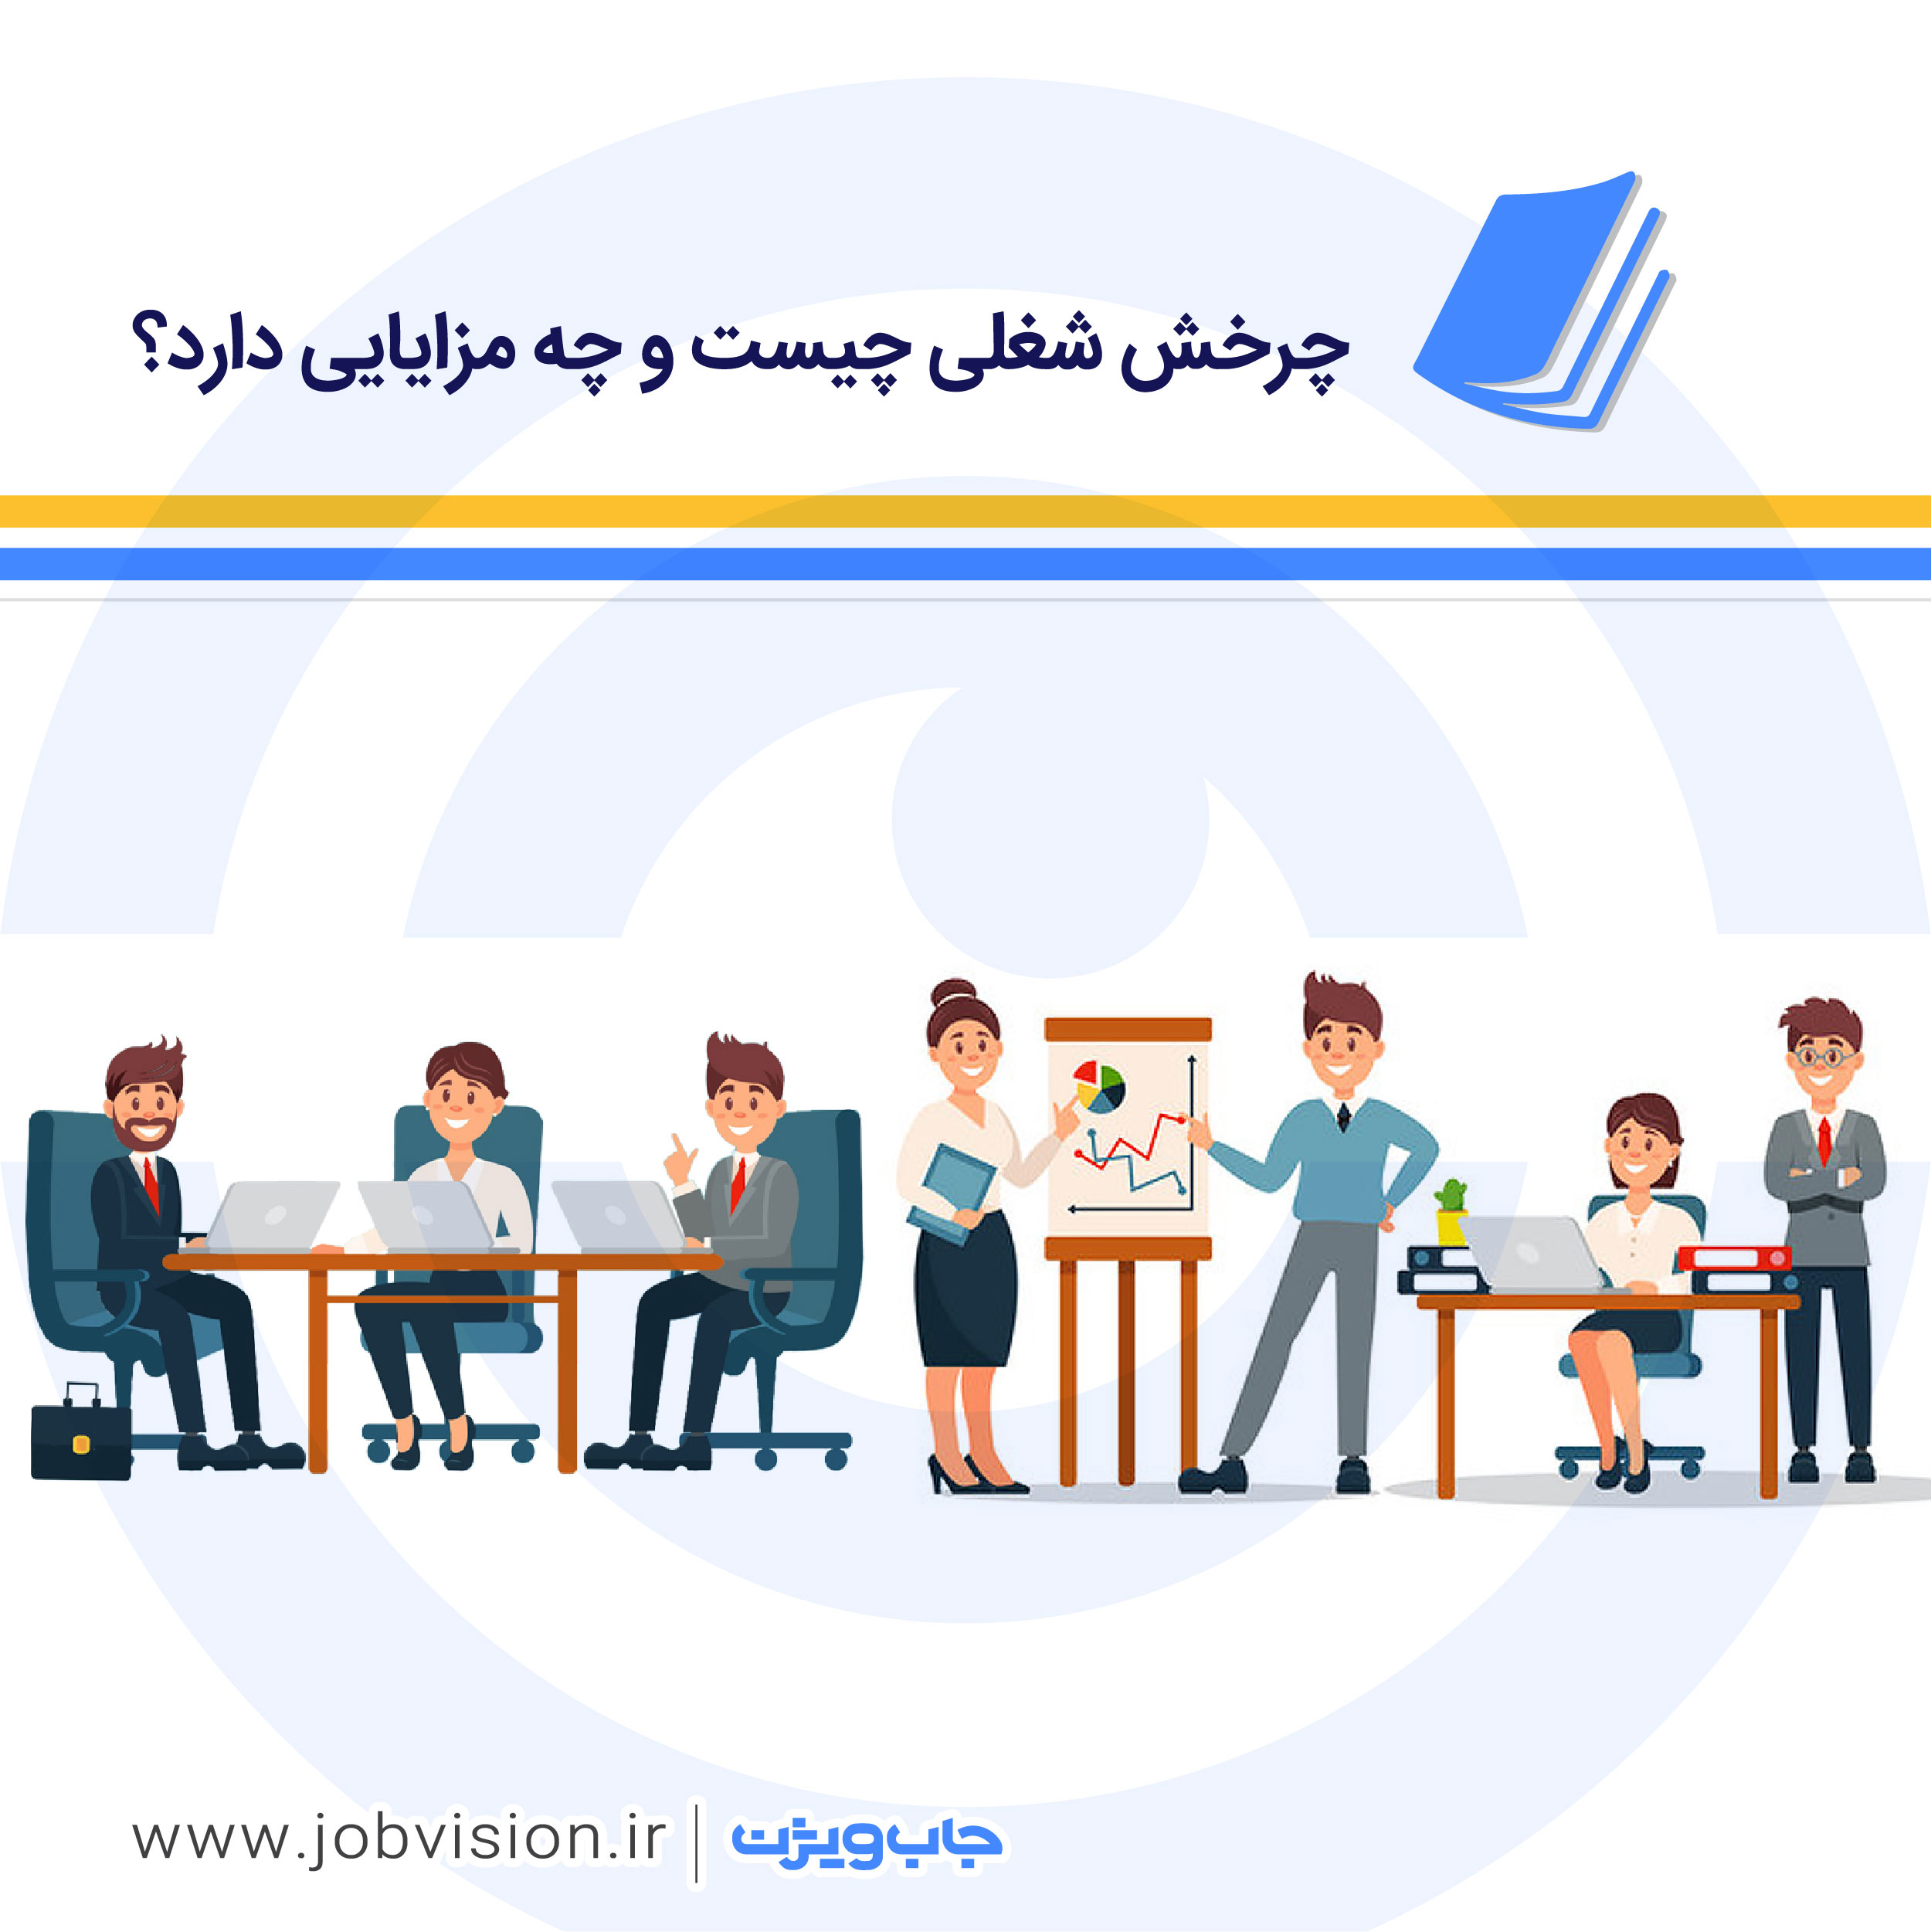 چرخش شغلی چیست و چه مزایایی دارد؟